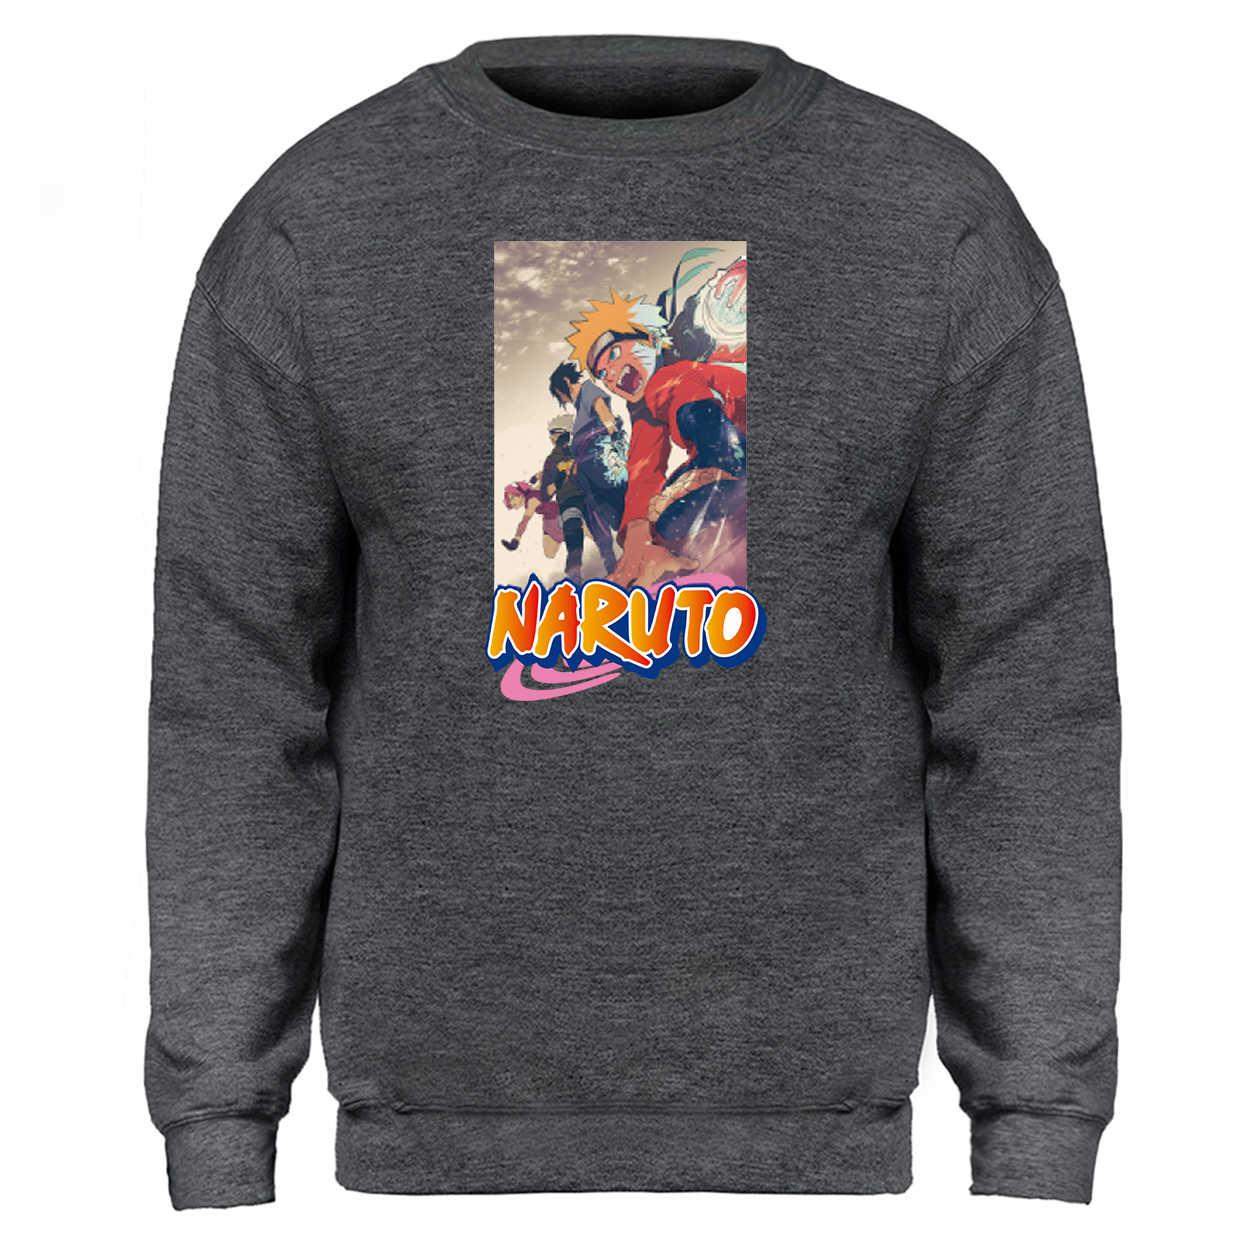 Sudaderas con capucha de naruto Anime japonés Streetwears sudaderas Jersey Tops trajes de lana de Hoodys calle chándal con capucha hombre